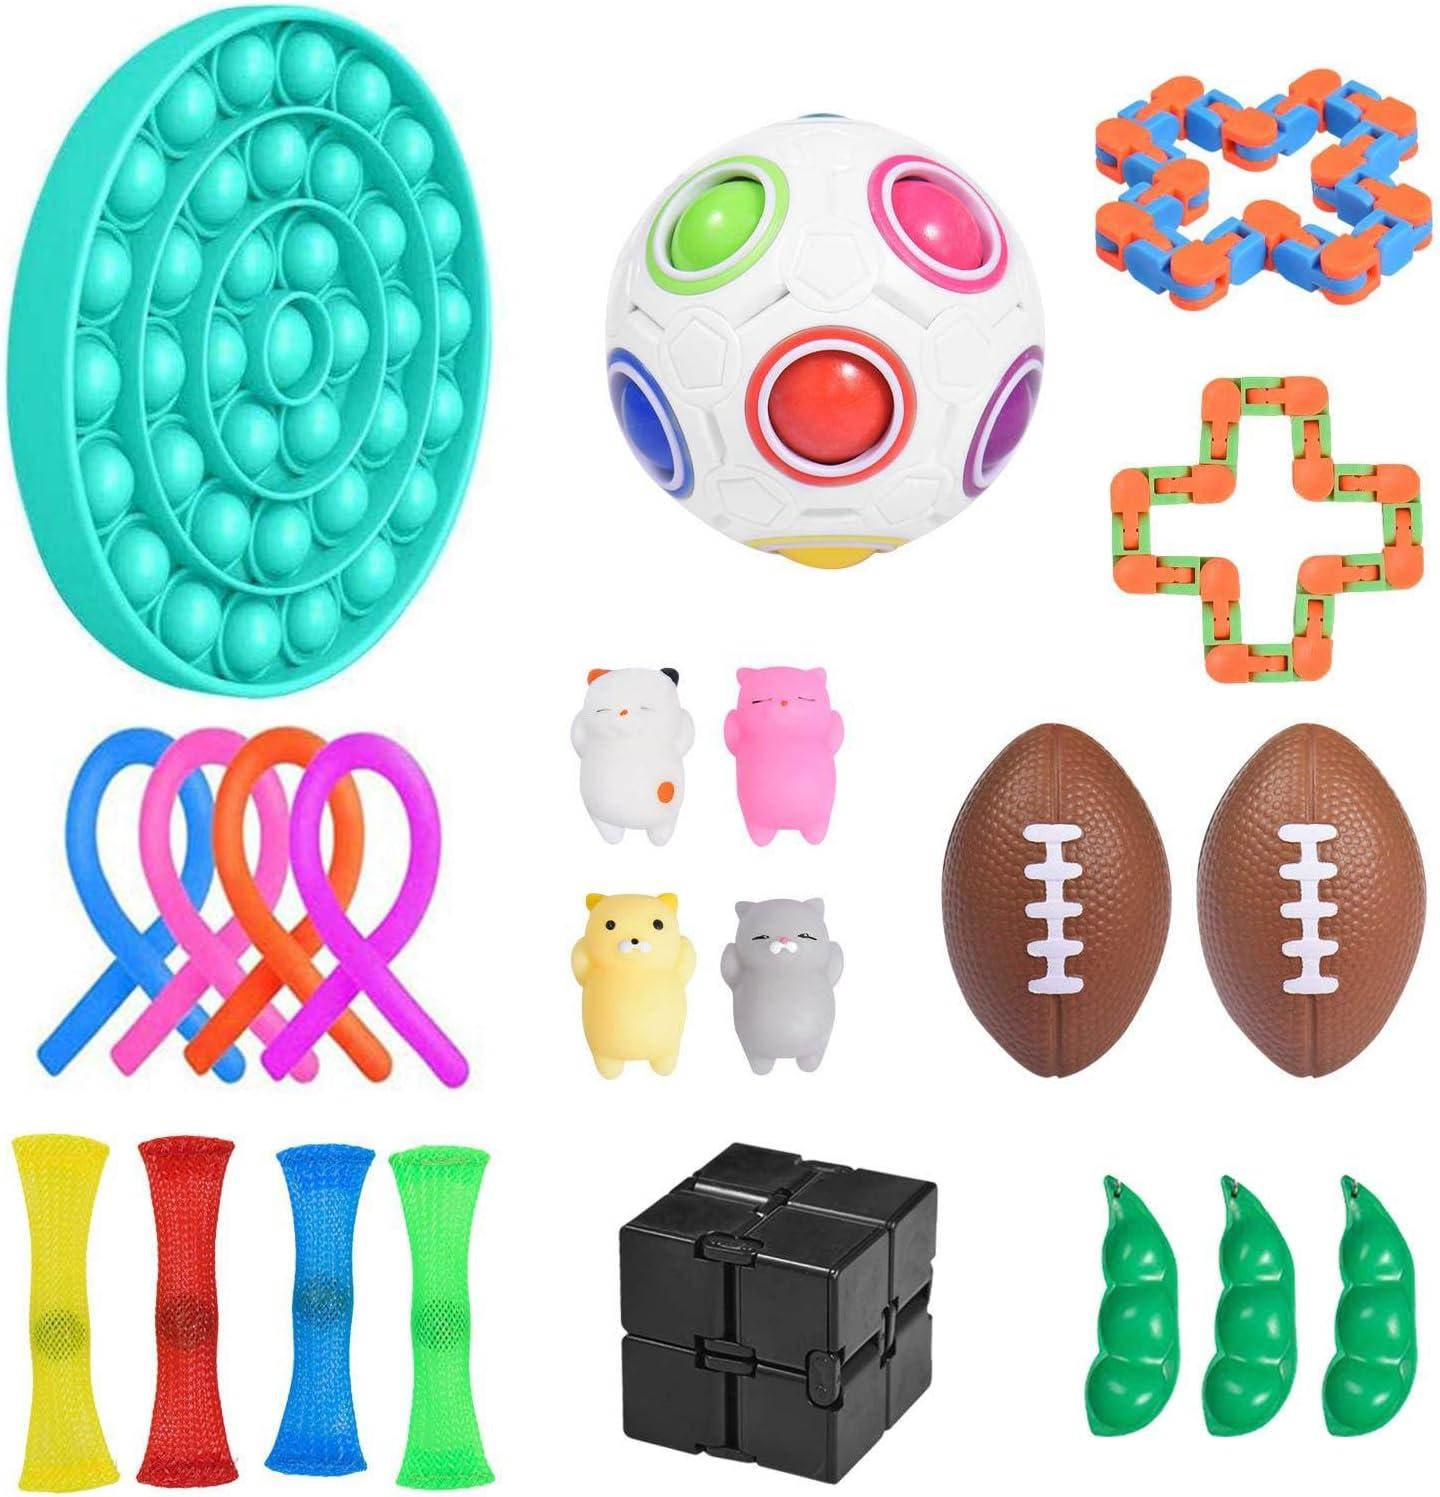 Juego de juguetes Sensory Fidget, juguete para niños con autismo, trastorno por déficit de atención con hiperactividad (TDAH), kit de alivio de ansiedad con pelota antiestrés para adultos 22 piezas